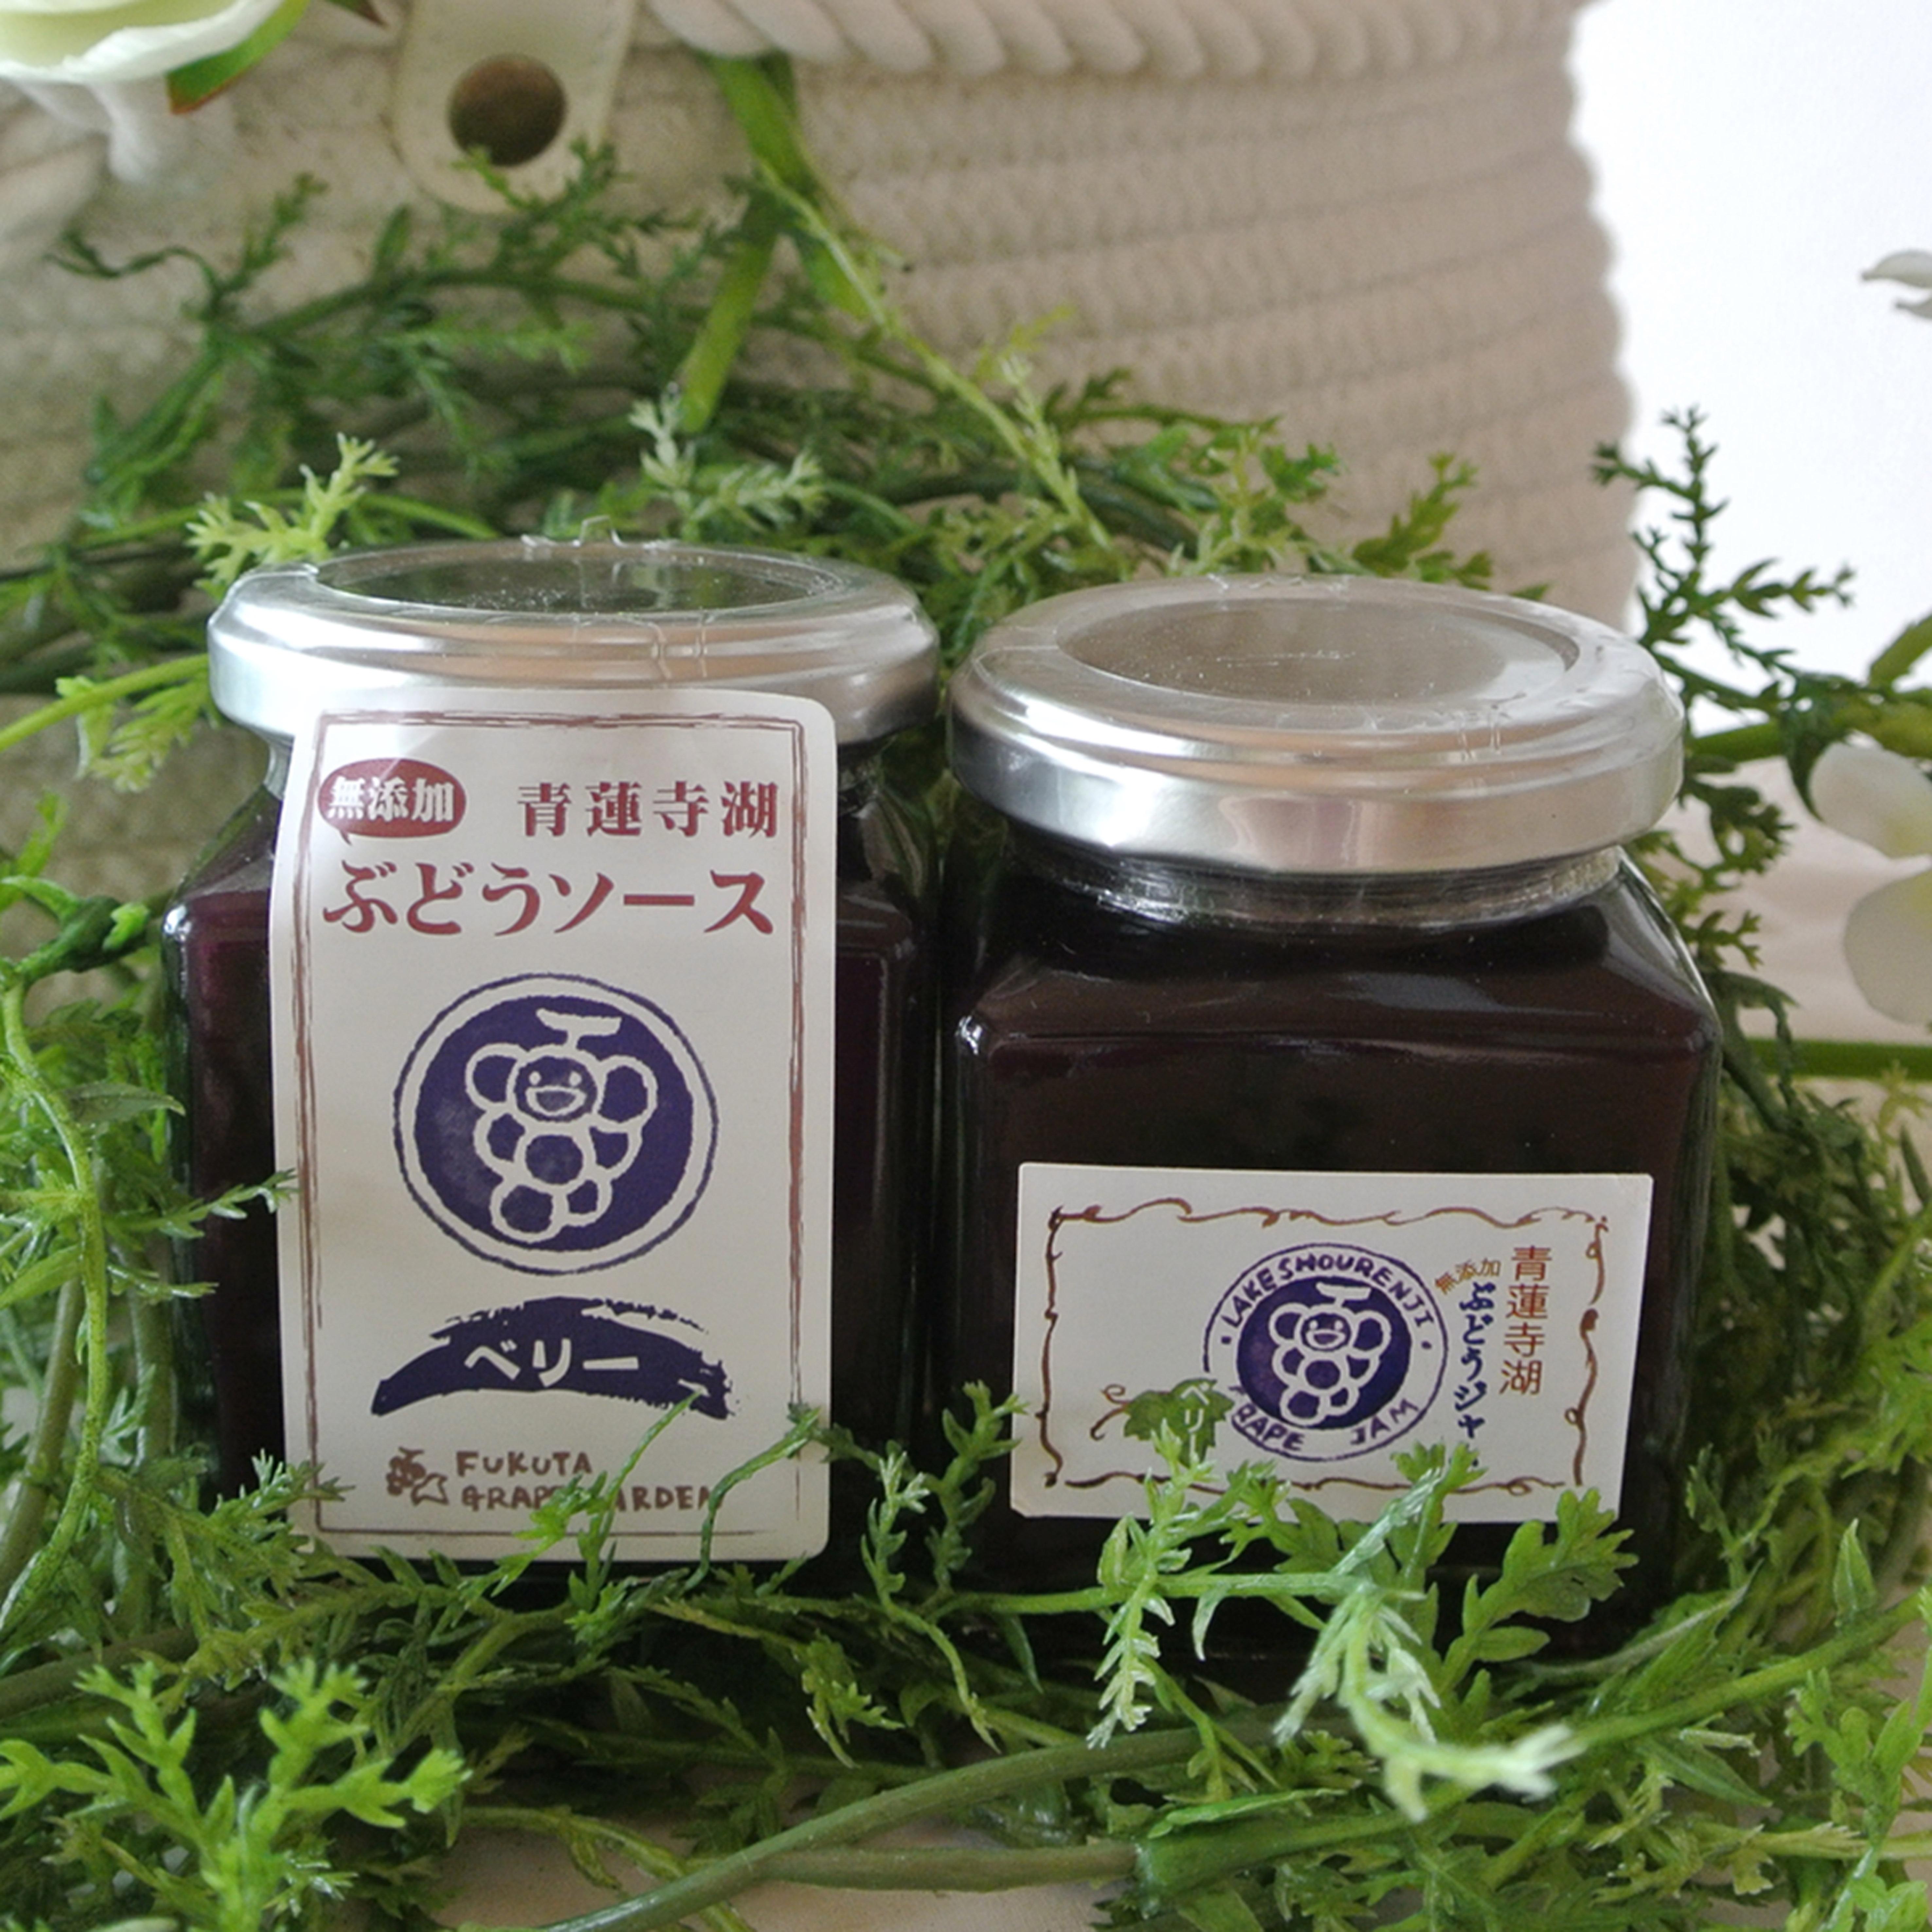 贅沢な自然の甘味がトーストにぴったり!青蓮寺湖ぶどうジャム